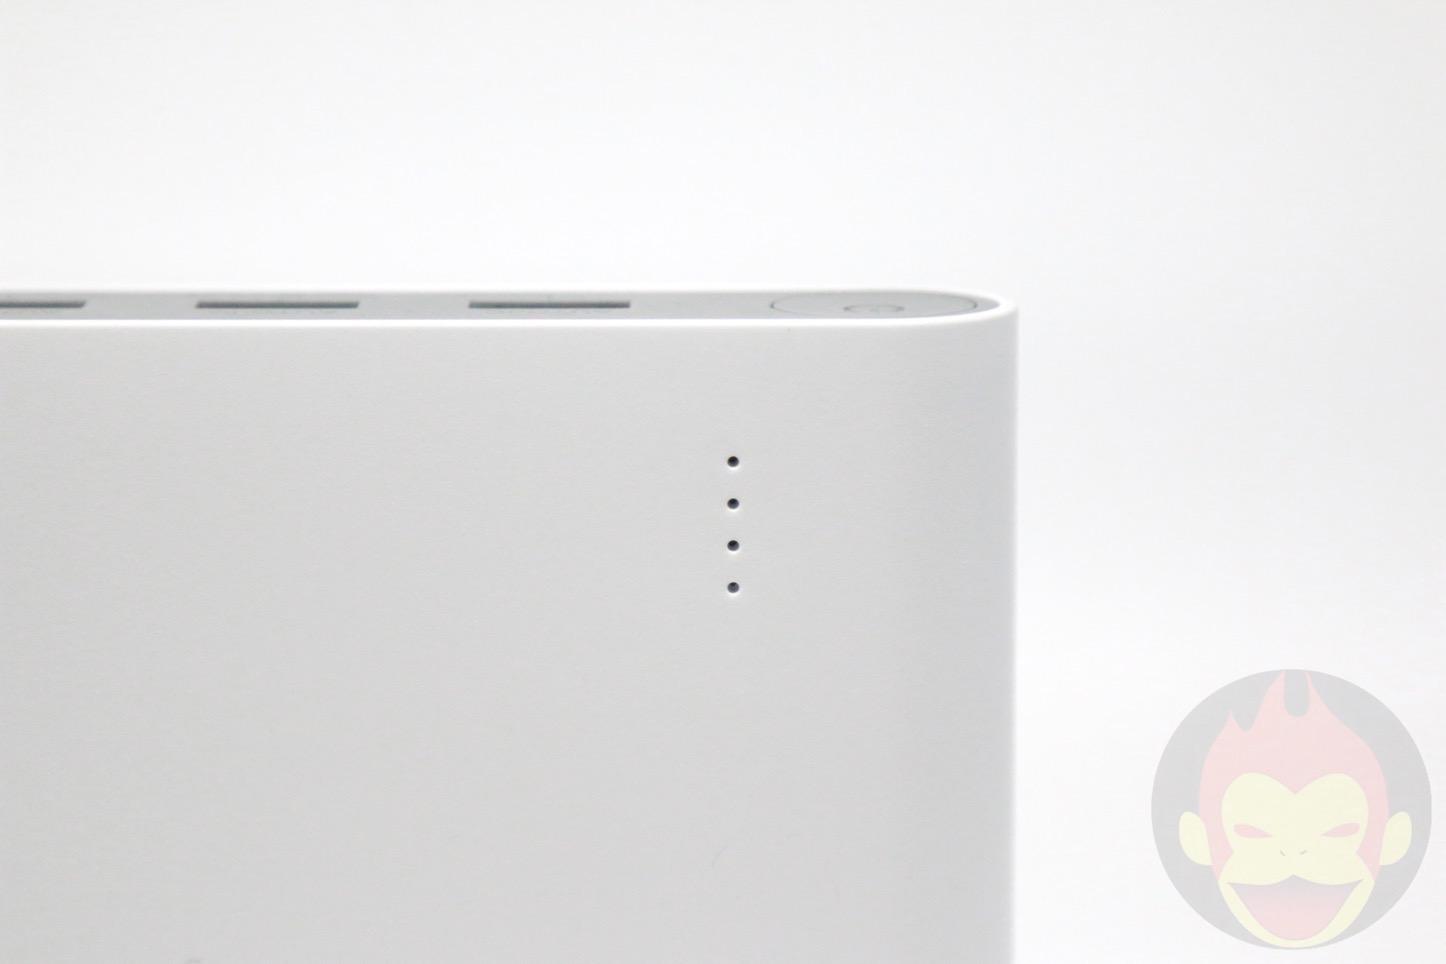 cheero-Power-Plus-3-Premium-20100-03.jpg